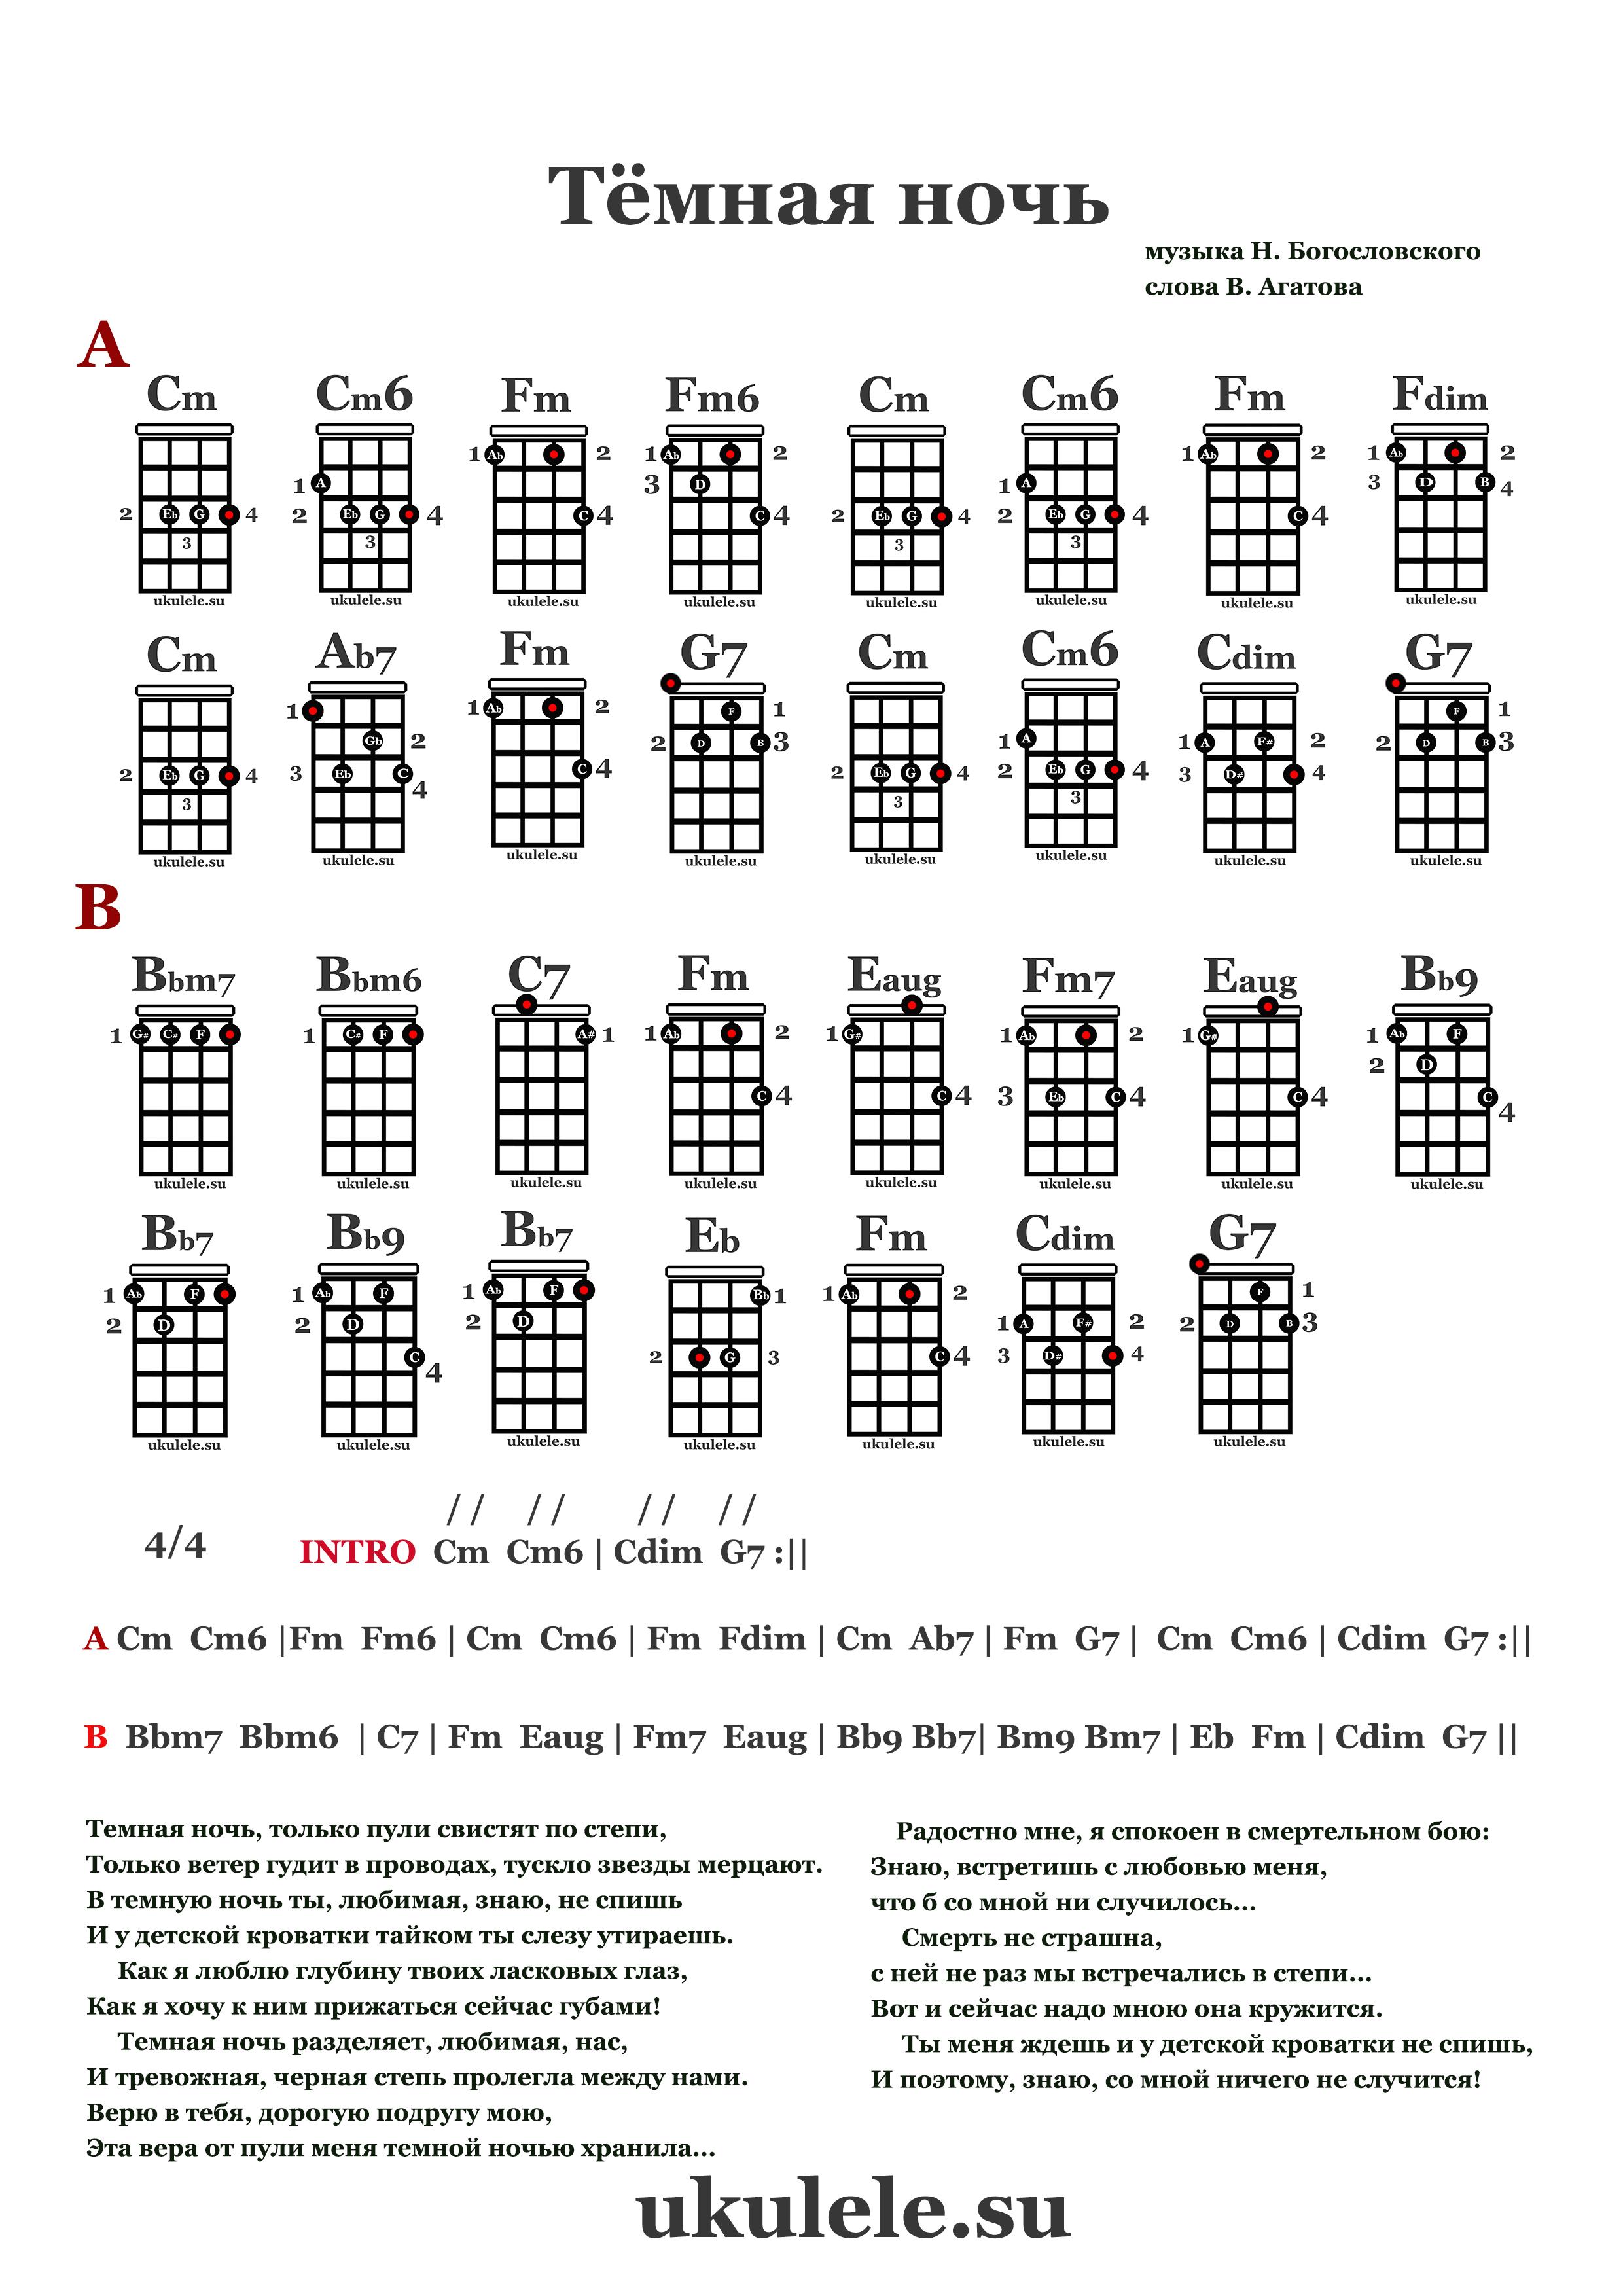 Виктор Цой - Алюминиевые огурцы, аккорды для гитары 41